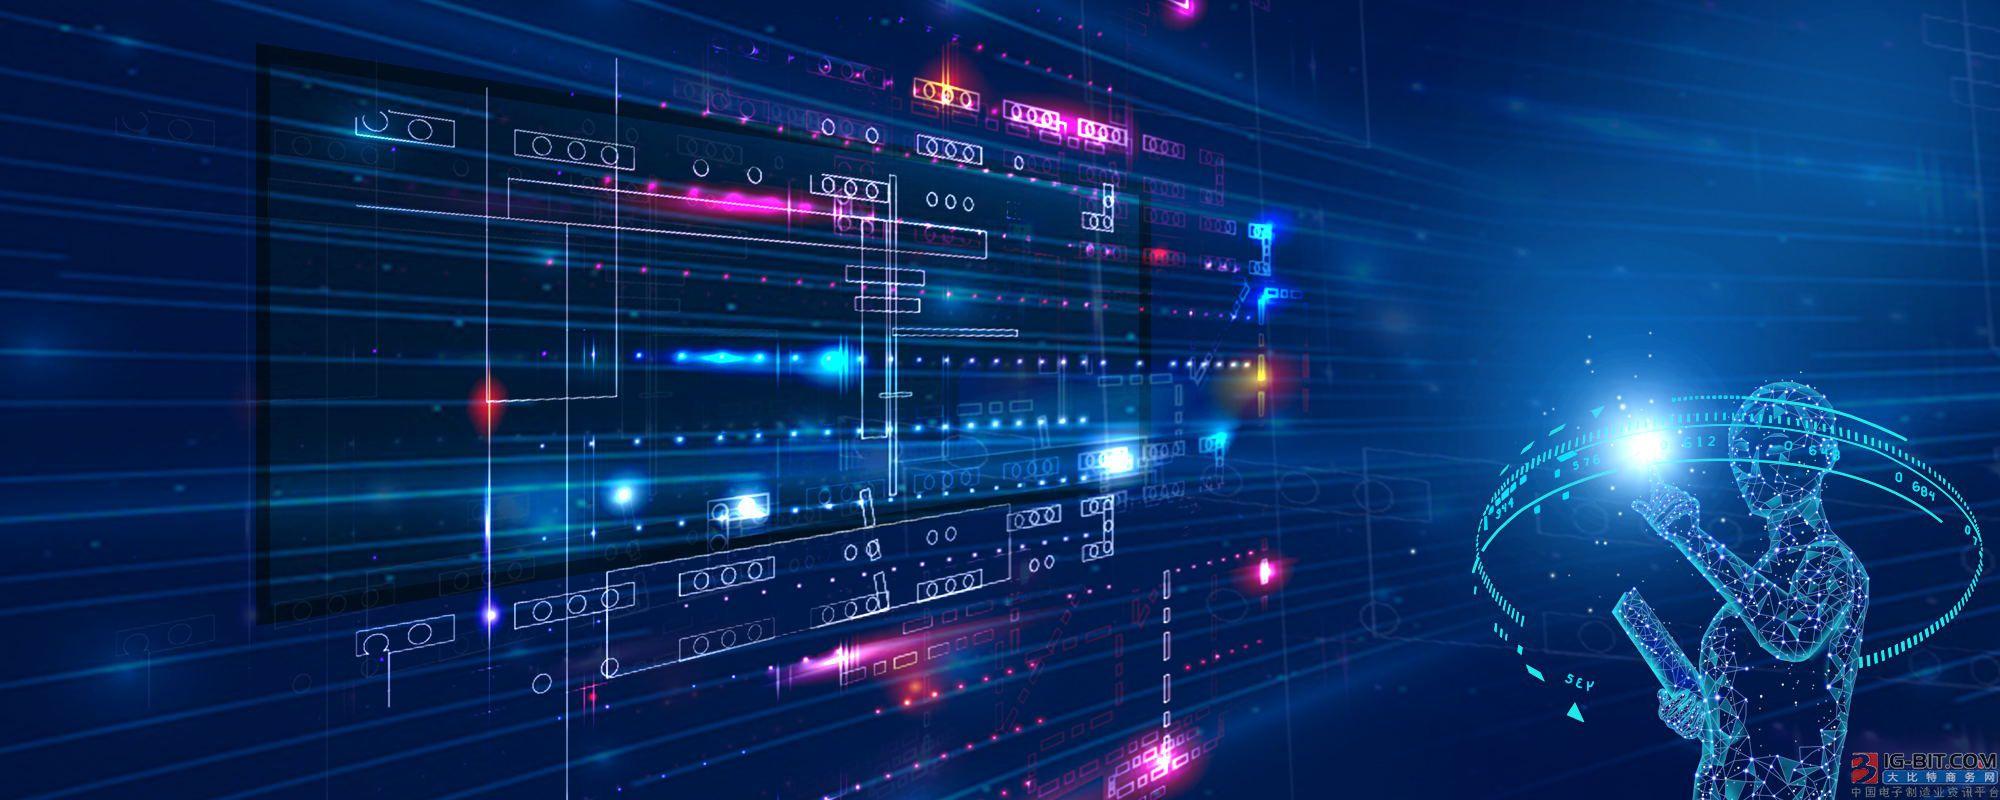 大數據賦能醫療行業 做好數據存儲意義重大